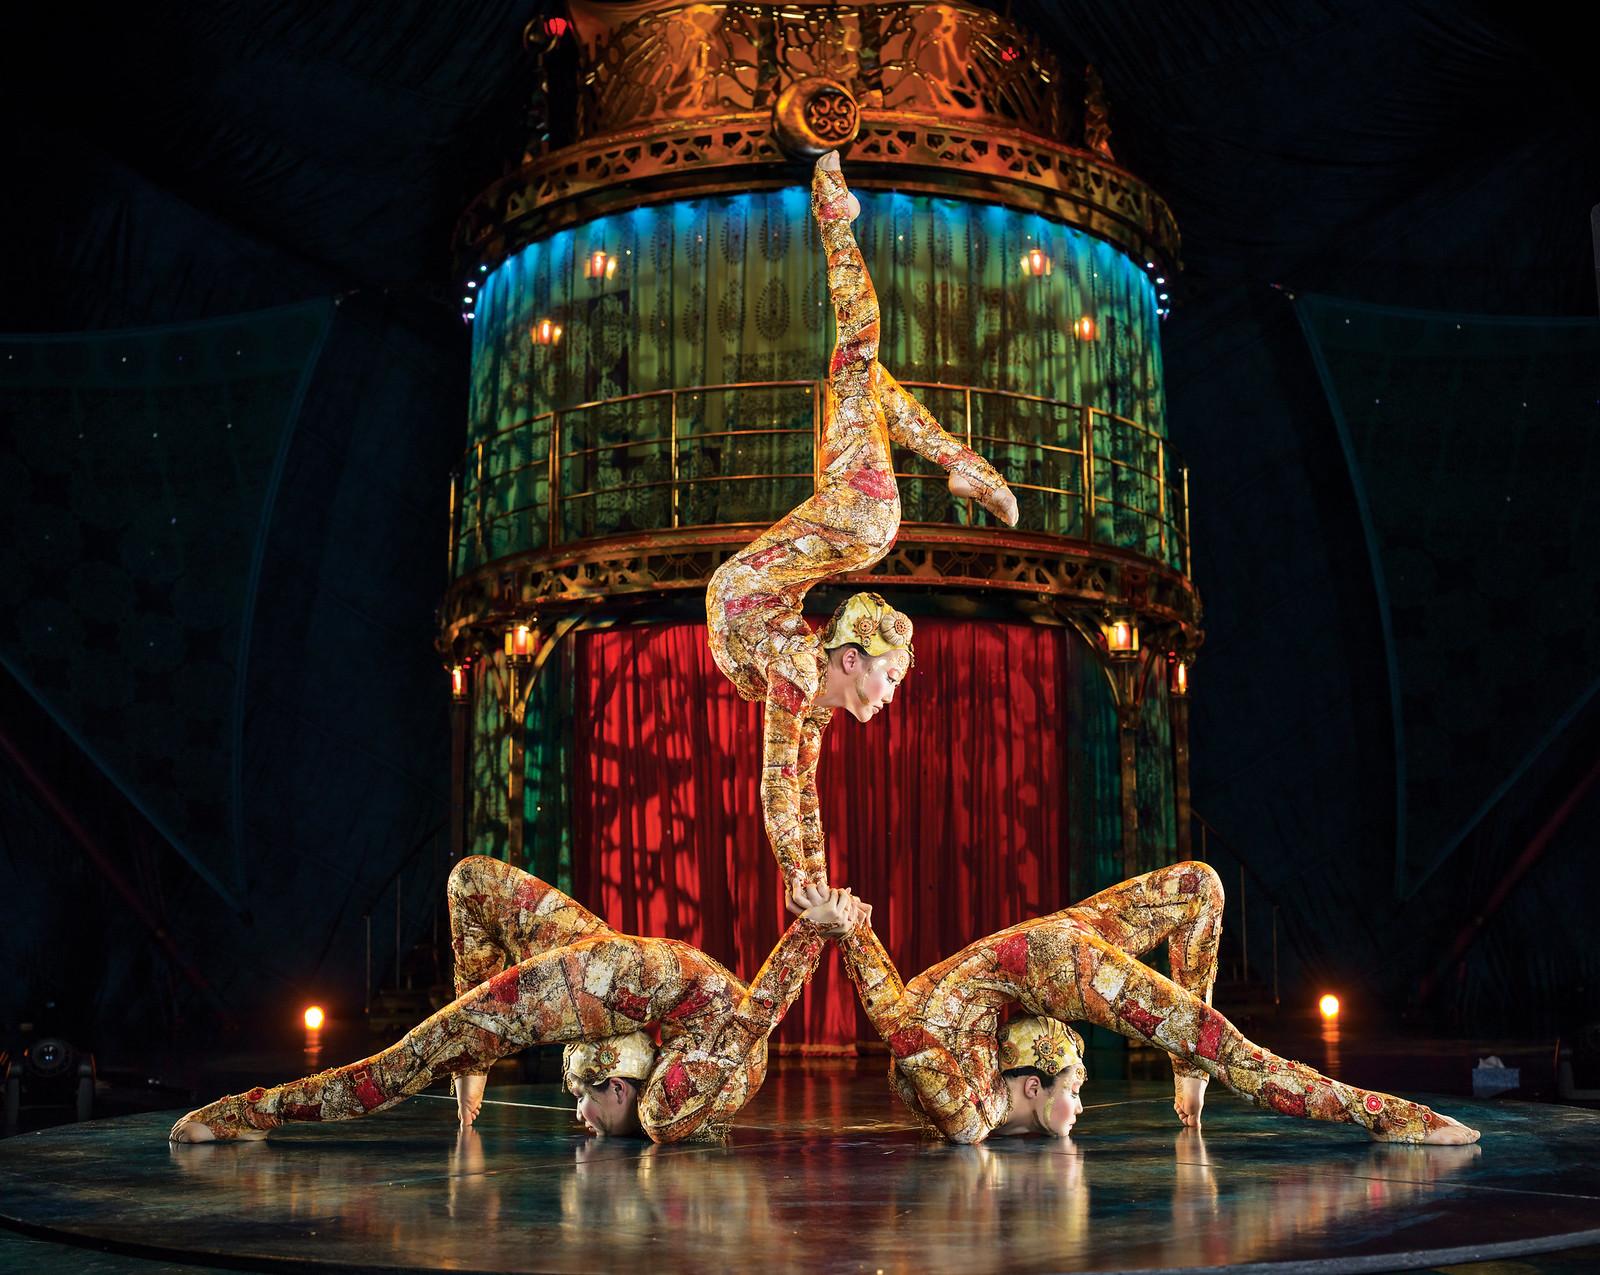 Contortion | Photos: Matt Beard Costumes: Marie-Chantale Vaillancourt ©2012 Cirque du Soleil